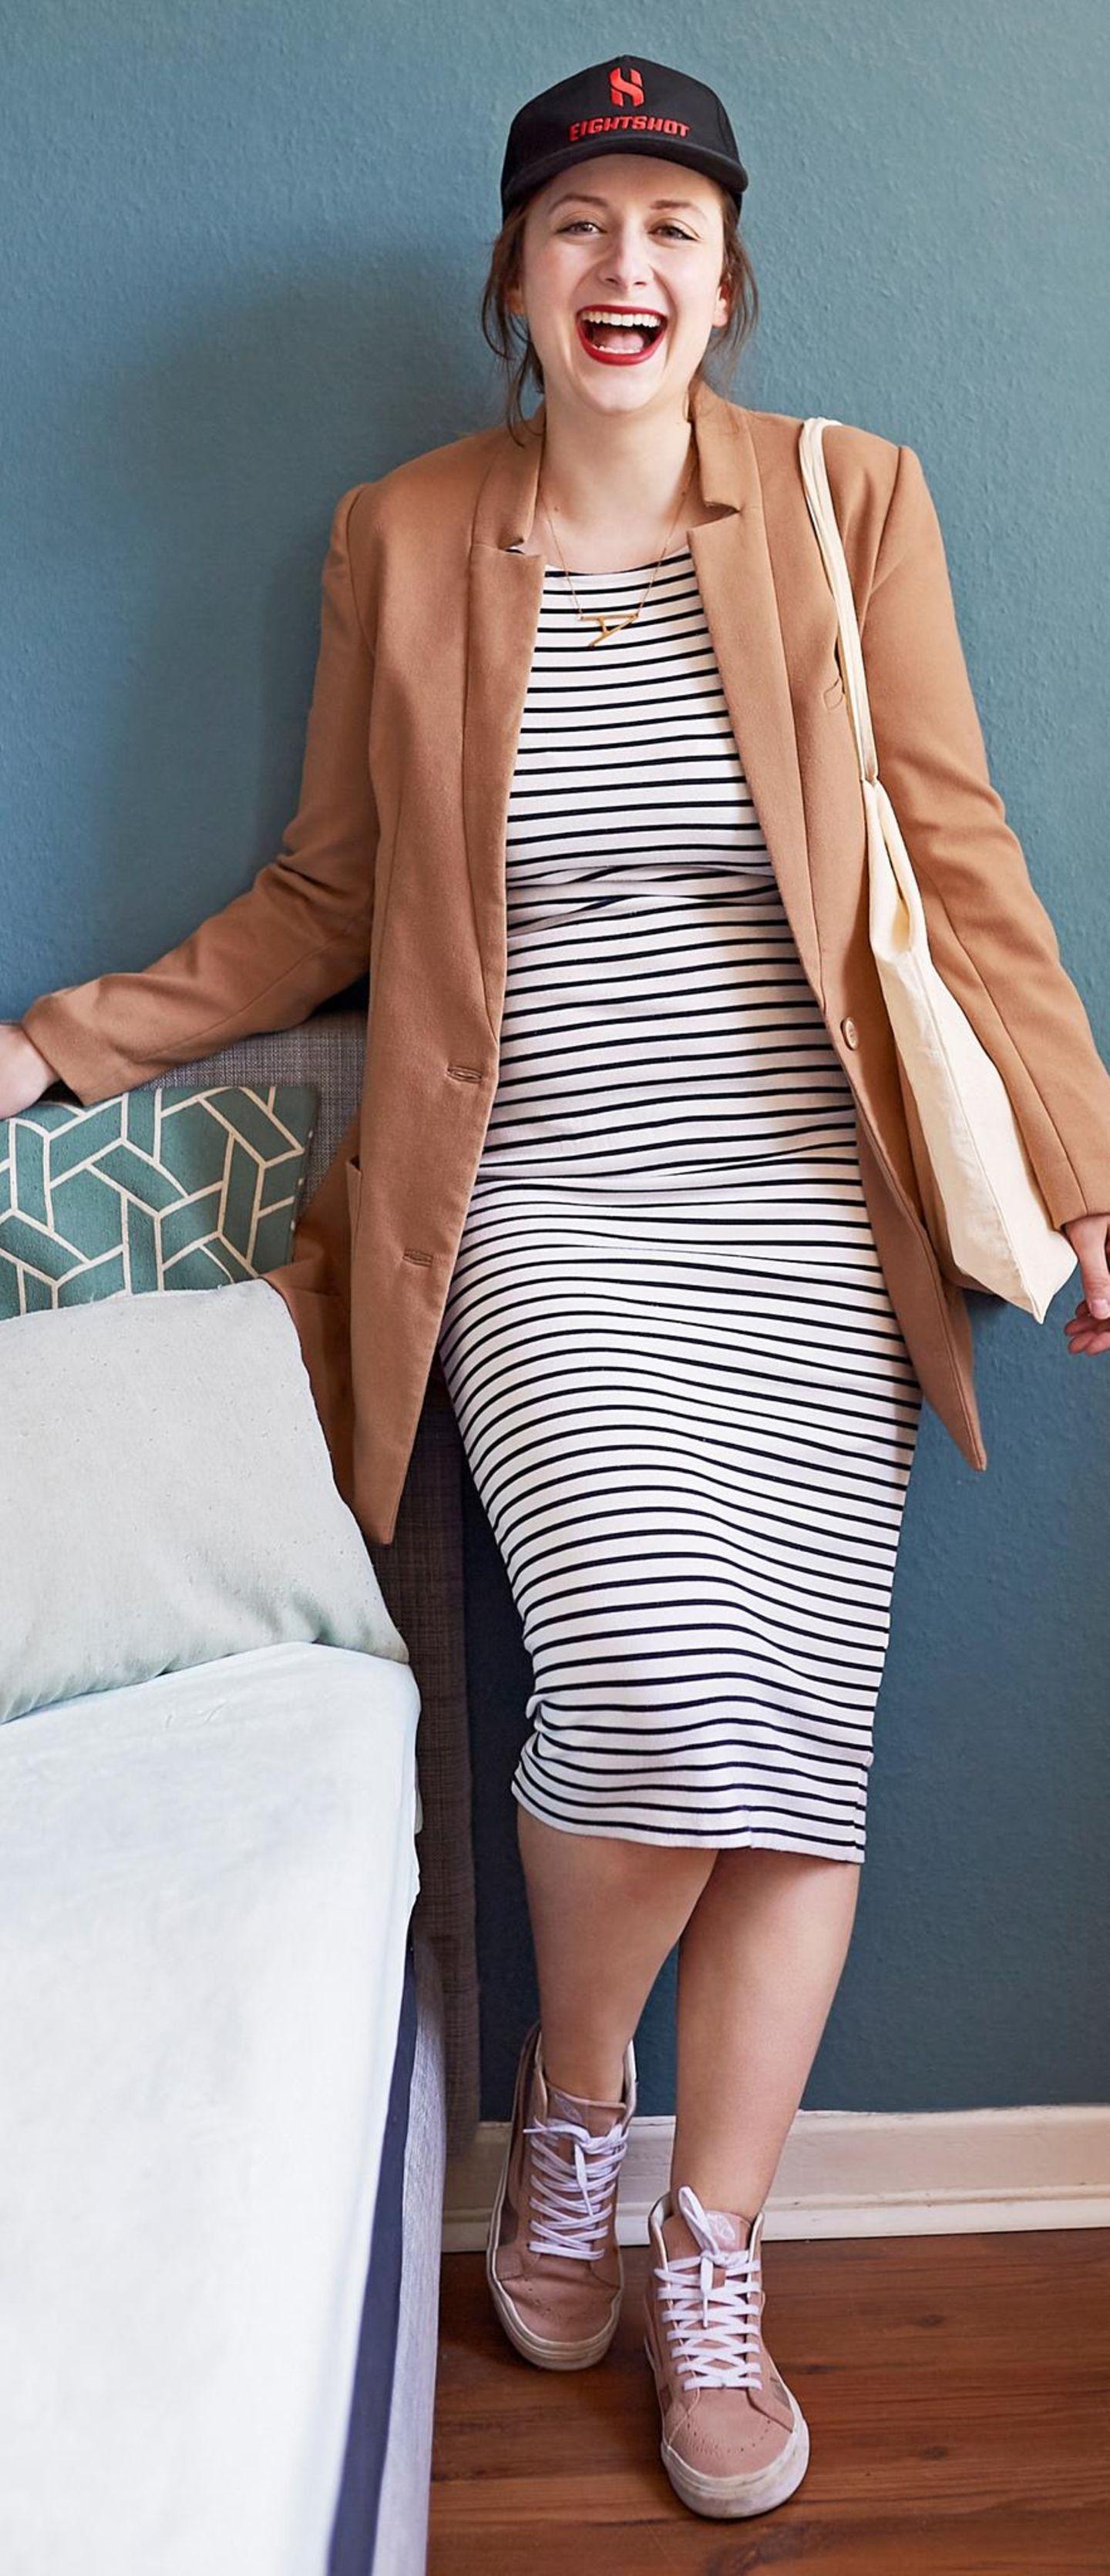 Kleidung kombinieren: Outfit 6